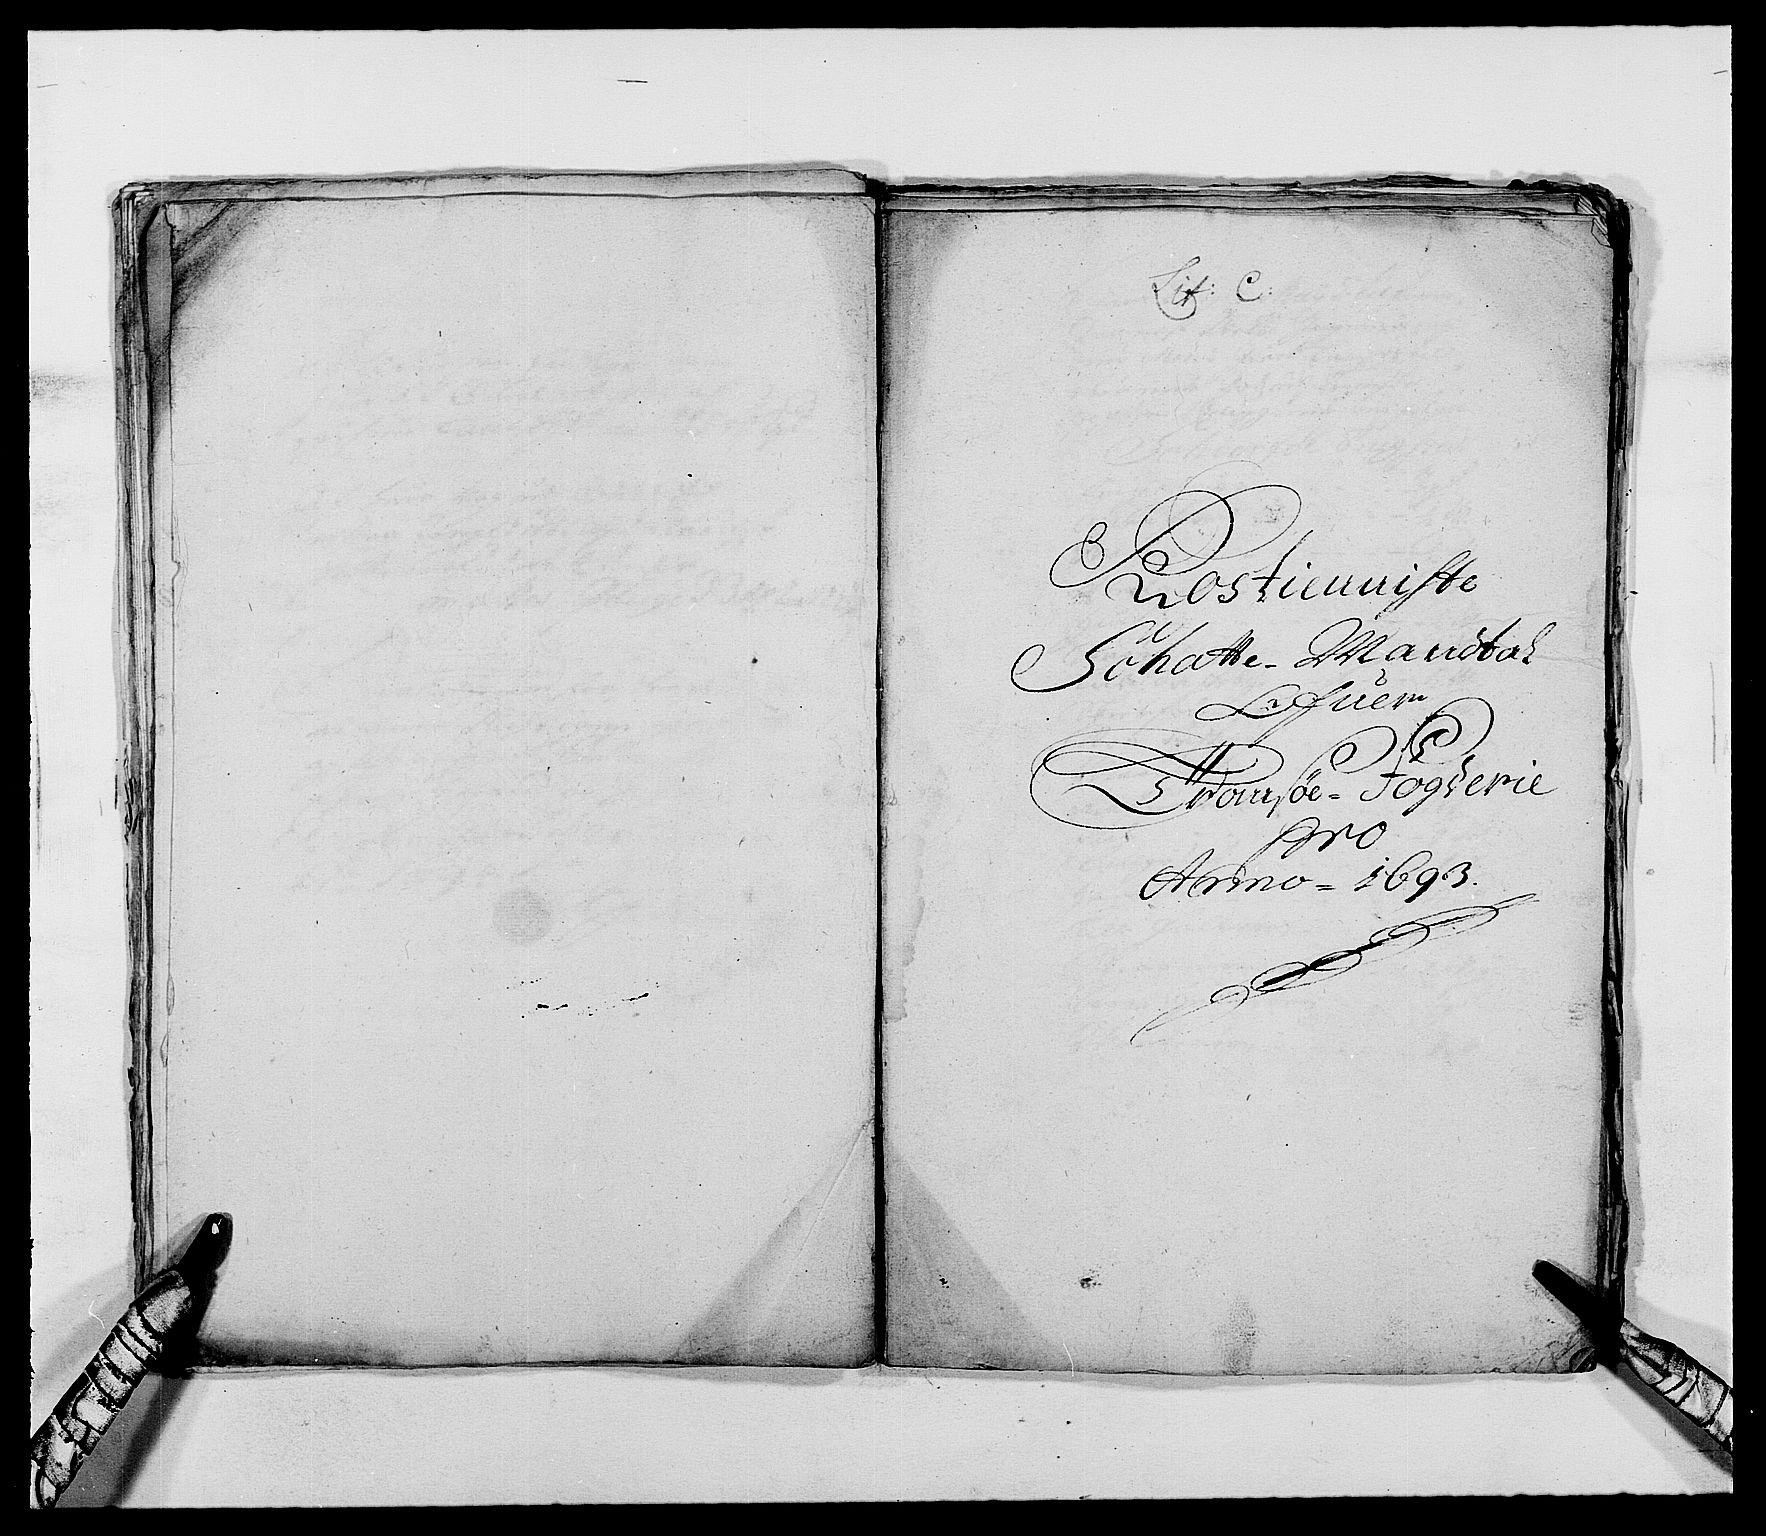 RA, Rentekammeret inntil 1814, Reviderte regnskaper, Fogderegnskap, R68/L4751: Fogderegnskap Senja og Troms, 1690-1693, s. 306